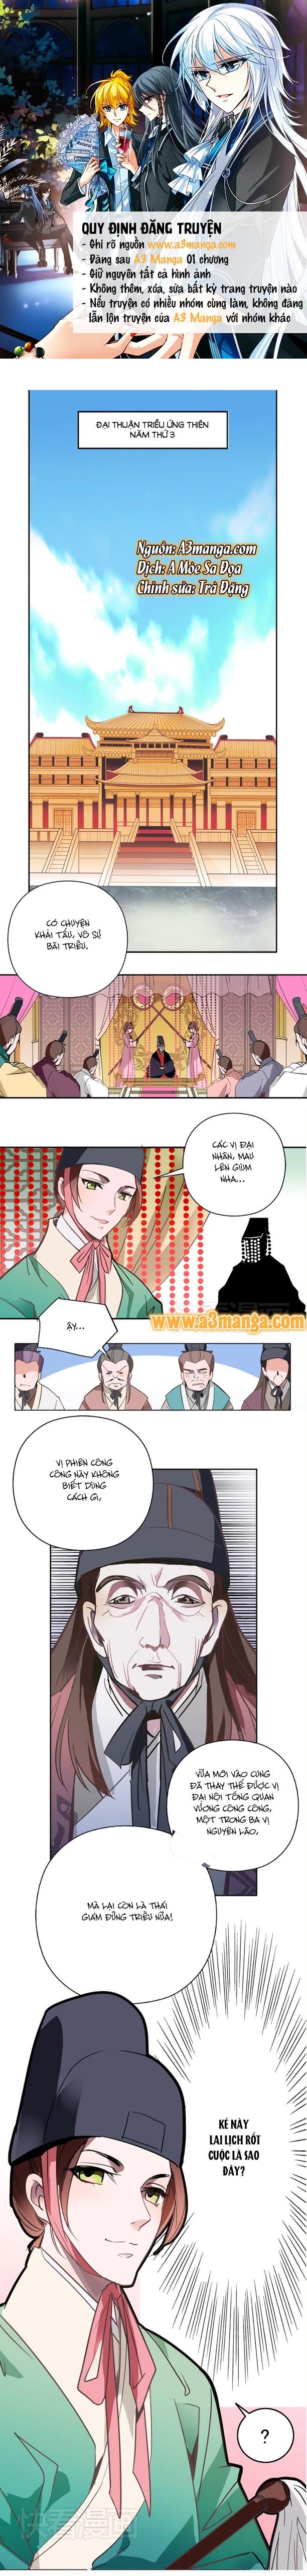 Hoàng Thượng! Hãy Sủng Ái Ta Đi! Chap 1